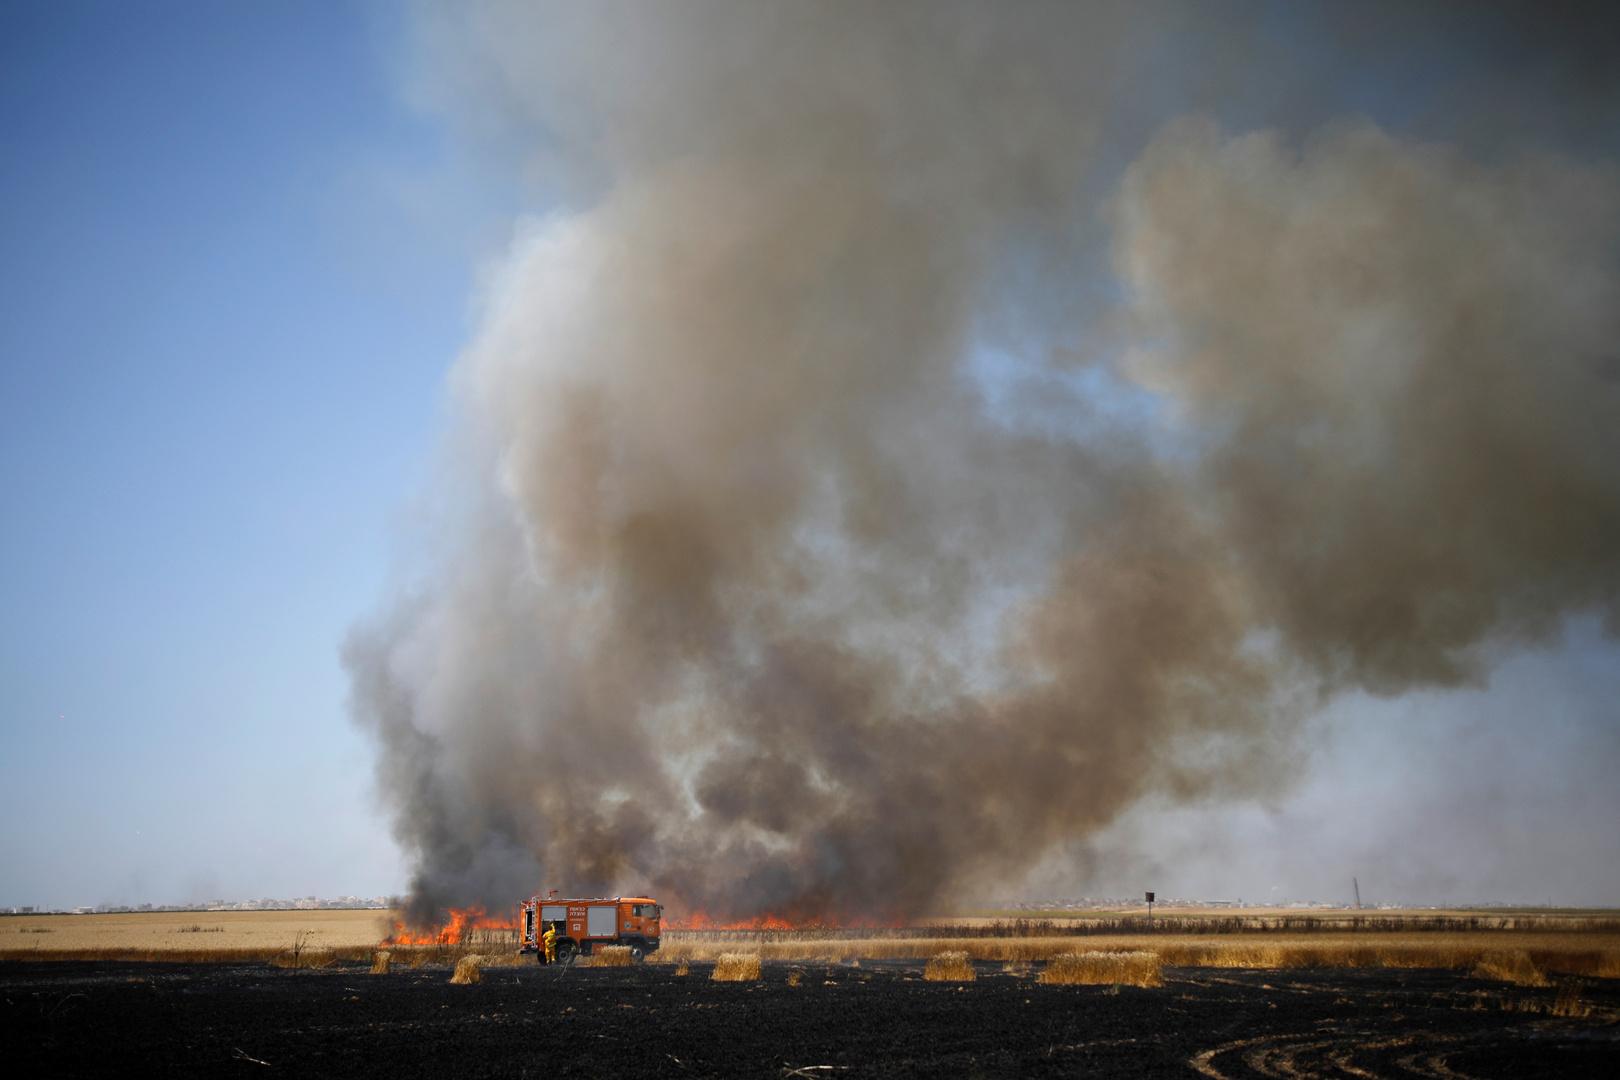 اندلاع 10 حرائق بغلاف غزة بينها حريقان في المجلس الإقليمي الإسرائيلي